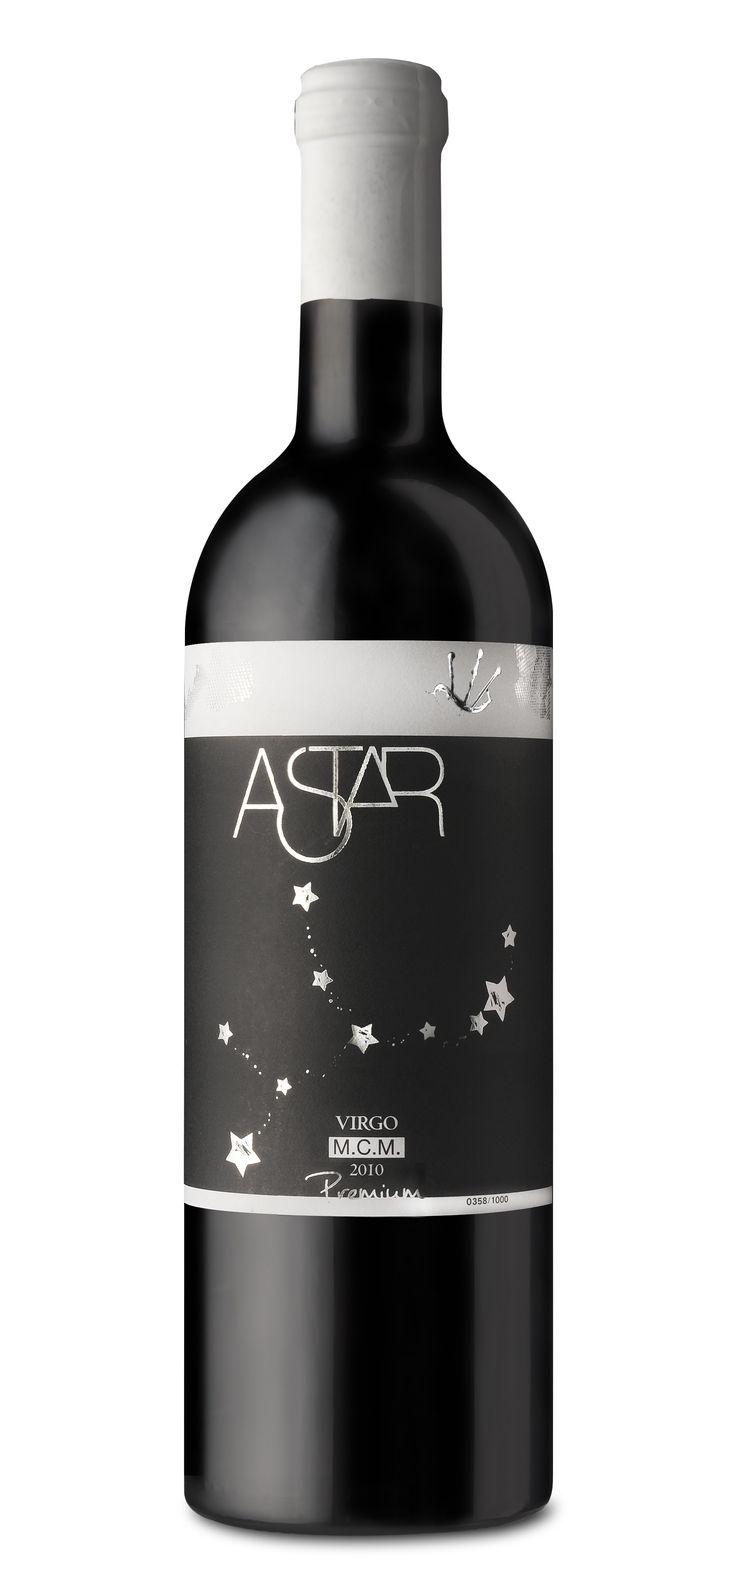 Astar winery - branding & packaging Branding by Sharona Lev-Ari #taninotanino #vinosmaximum